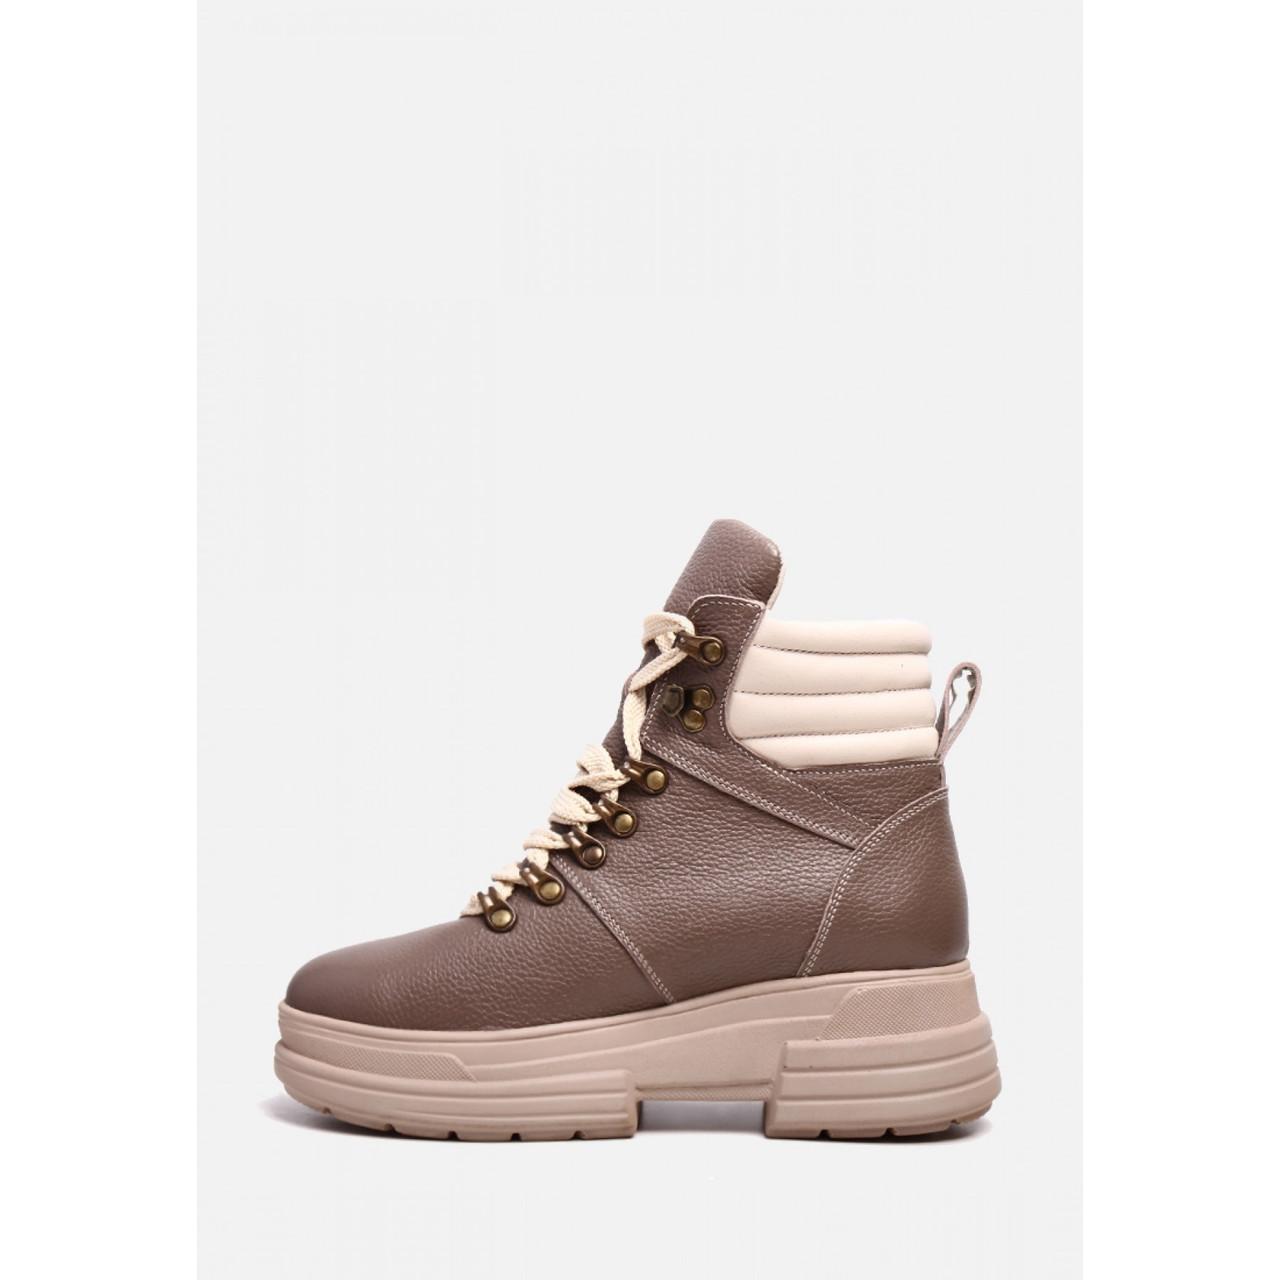 Зимние бежевые ботинки из натуральной кожи